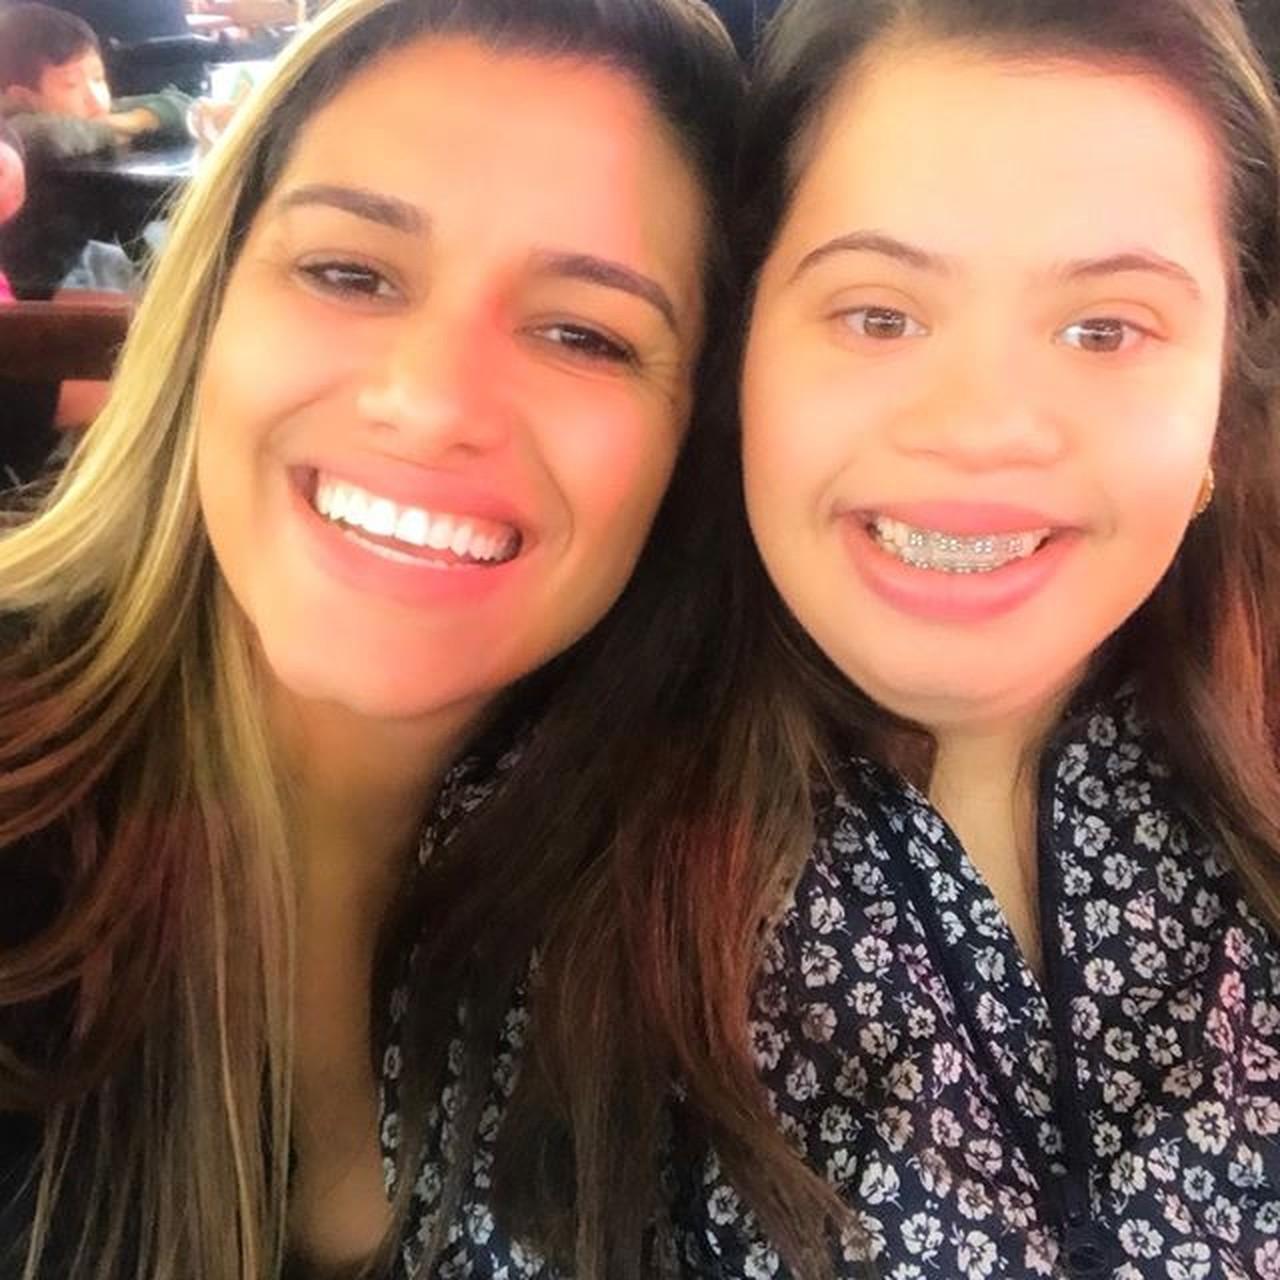 Jovem de 25 anos se torna a primeira relações públicas com síndrome de Down formada no Brasil